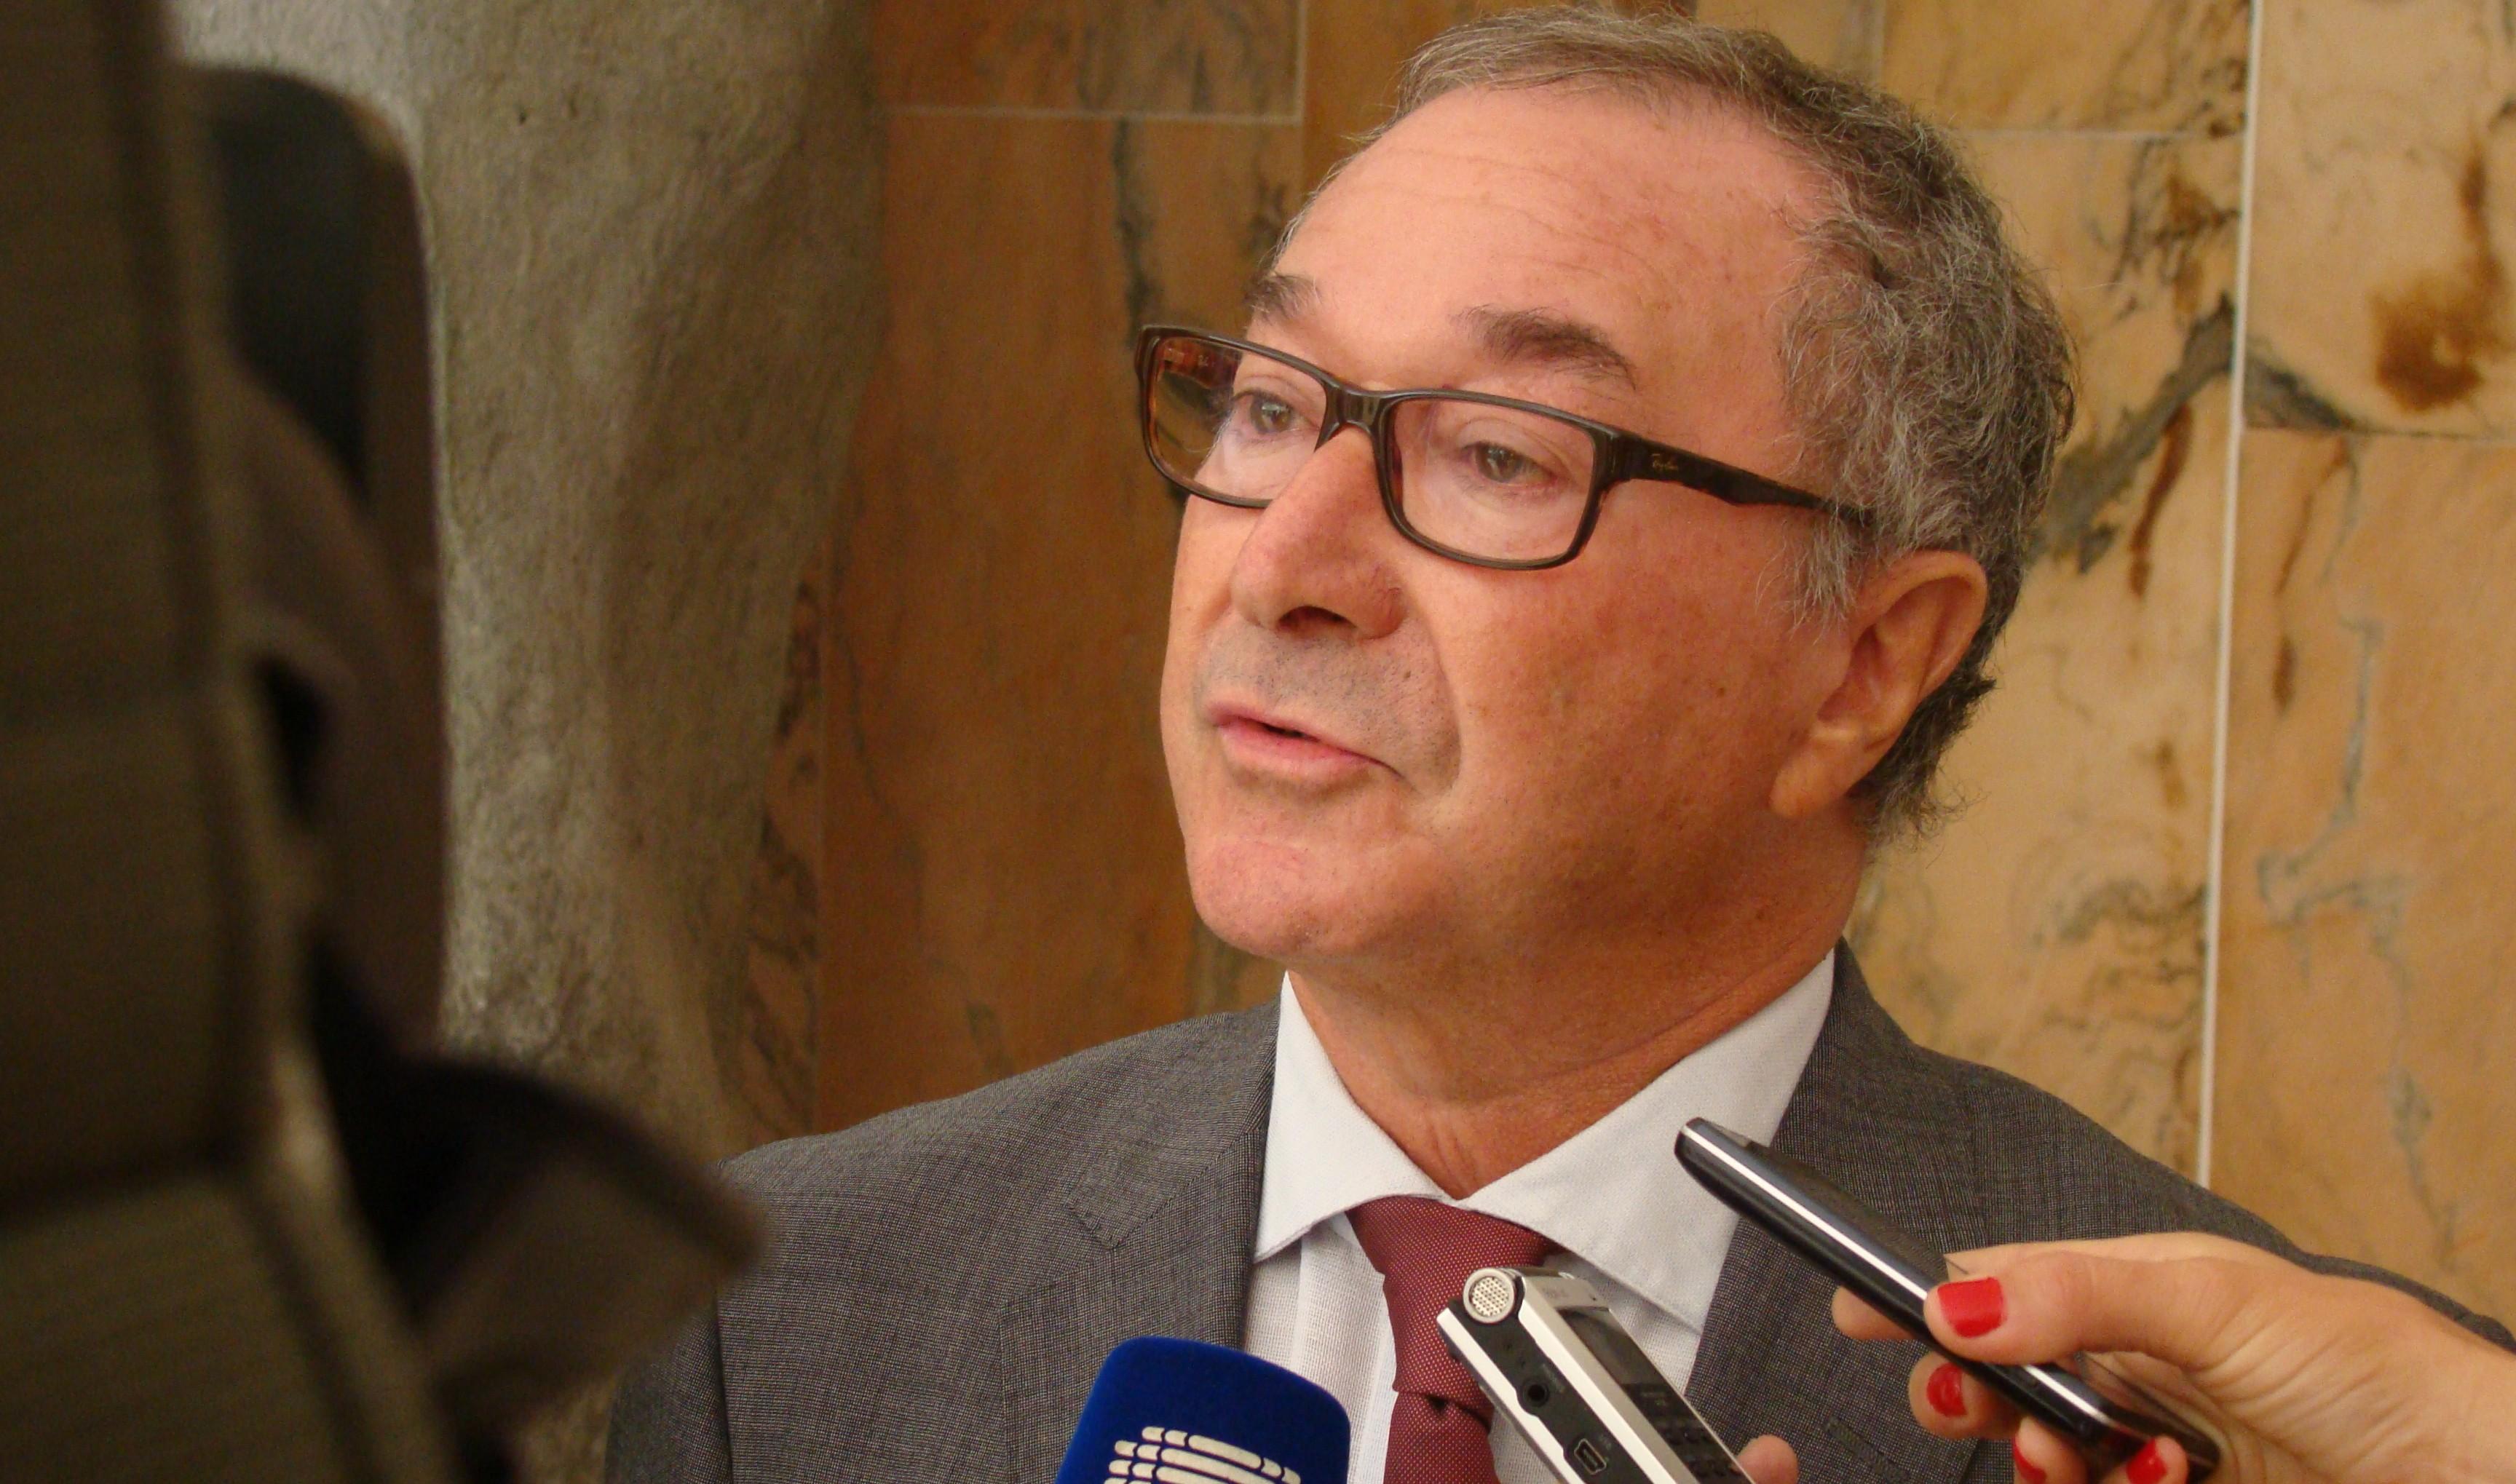 """Falta de """"residência efetiva na região"""" por parte de cidadãos gera elevada abstenção, diz Presidente da CNE (c/áudio)"""